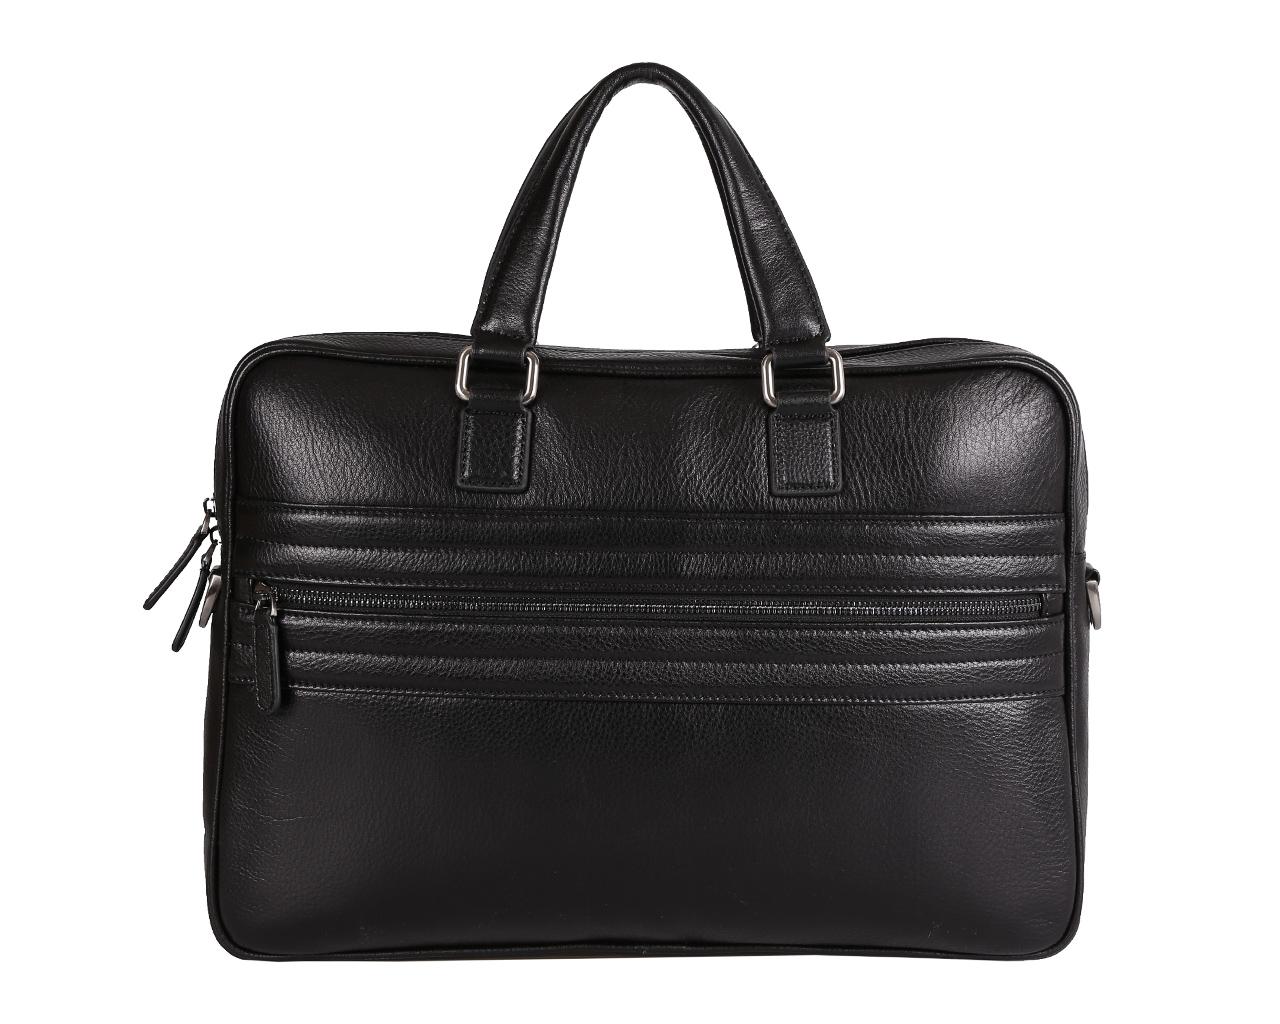 Сумка мужская Fabretti, цвет: черный. 7106FAB7106FAB blackСтильная мужская сумка Fabretti выполнена из натуральной кожи зернистой фактуры и закрывается на металлическую застежку-молнию. Внутренняя часть изделия выполнена из текстиля и натуральной кожи. Отделение сумки содержит боковой мягкий карман и нашивной карман поменьше с хлястиком на липучке подходящий для планшета или документов, врезной карман на пластиковой молнии, два нашивных кармана для мелочей и телефона, два держателя для шариковых ручек. На тыльной стороне прорезной карман на молнии. Лицевая сторона дополнена прорезным карманом на молнии, декорированным нашивными прострочками. Сумка на боковой стороне декорирована тиснением логотипа бренда. Изделие оснащено удобными ручками для переноски. Прилагаются наплечный ремень регулируемой длины и фирменный текстильный чехол для хранения. Функциональная мужская сумка Fabretti станет стильным аксессуаром для делового мужчины.